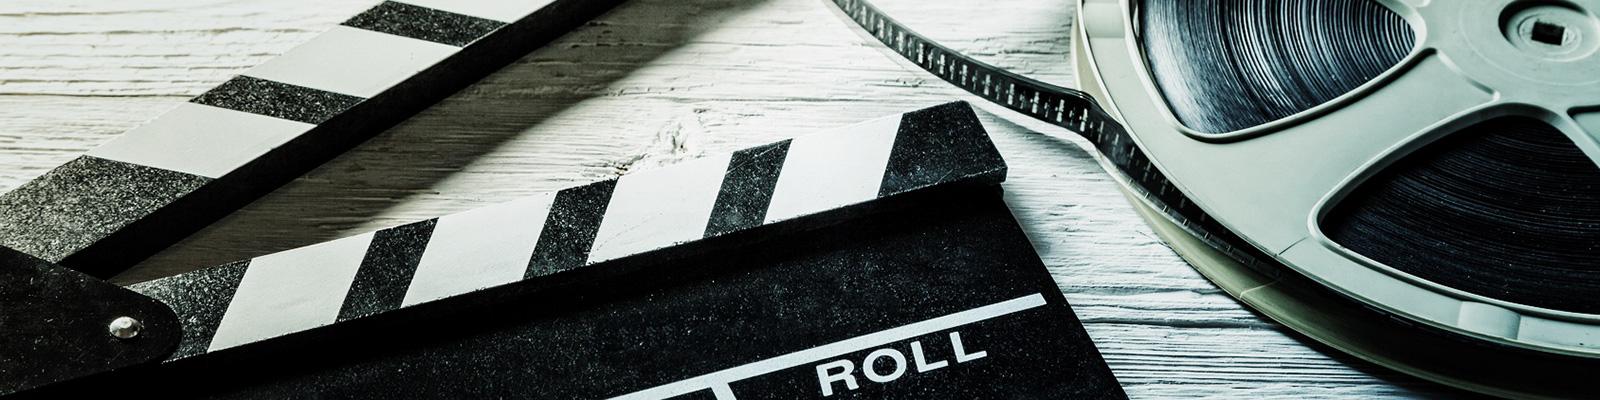 movie-ec1